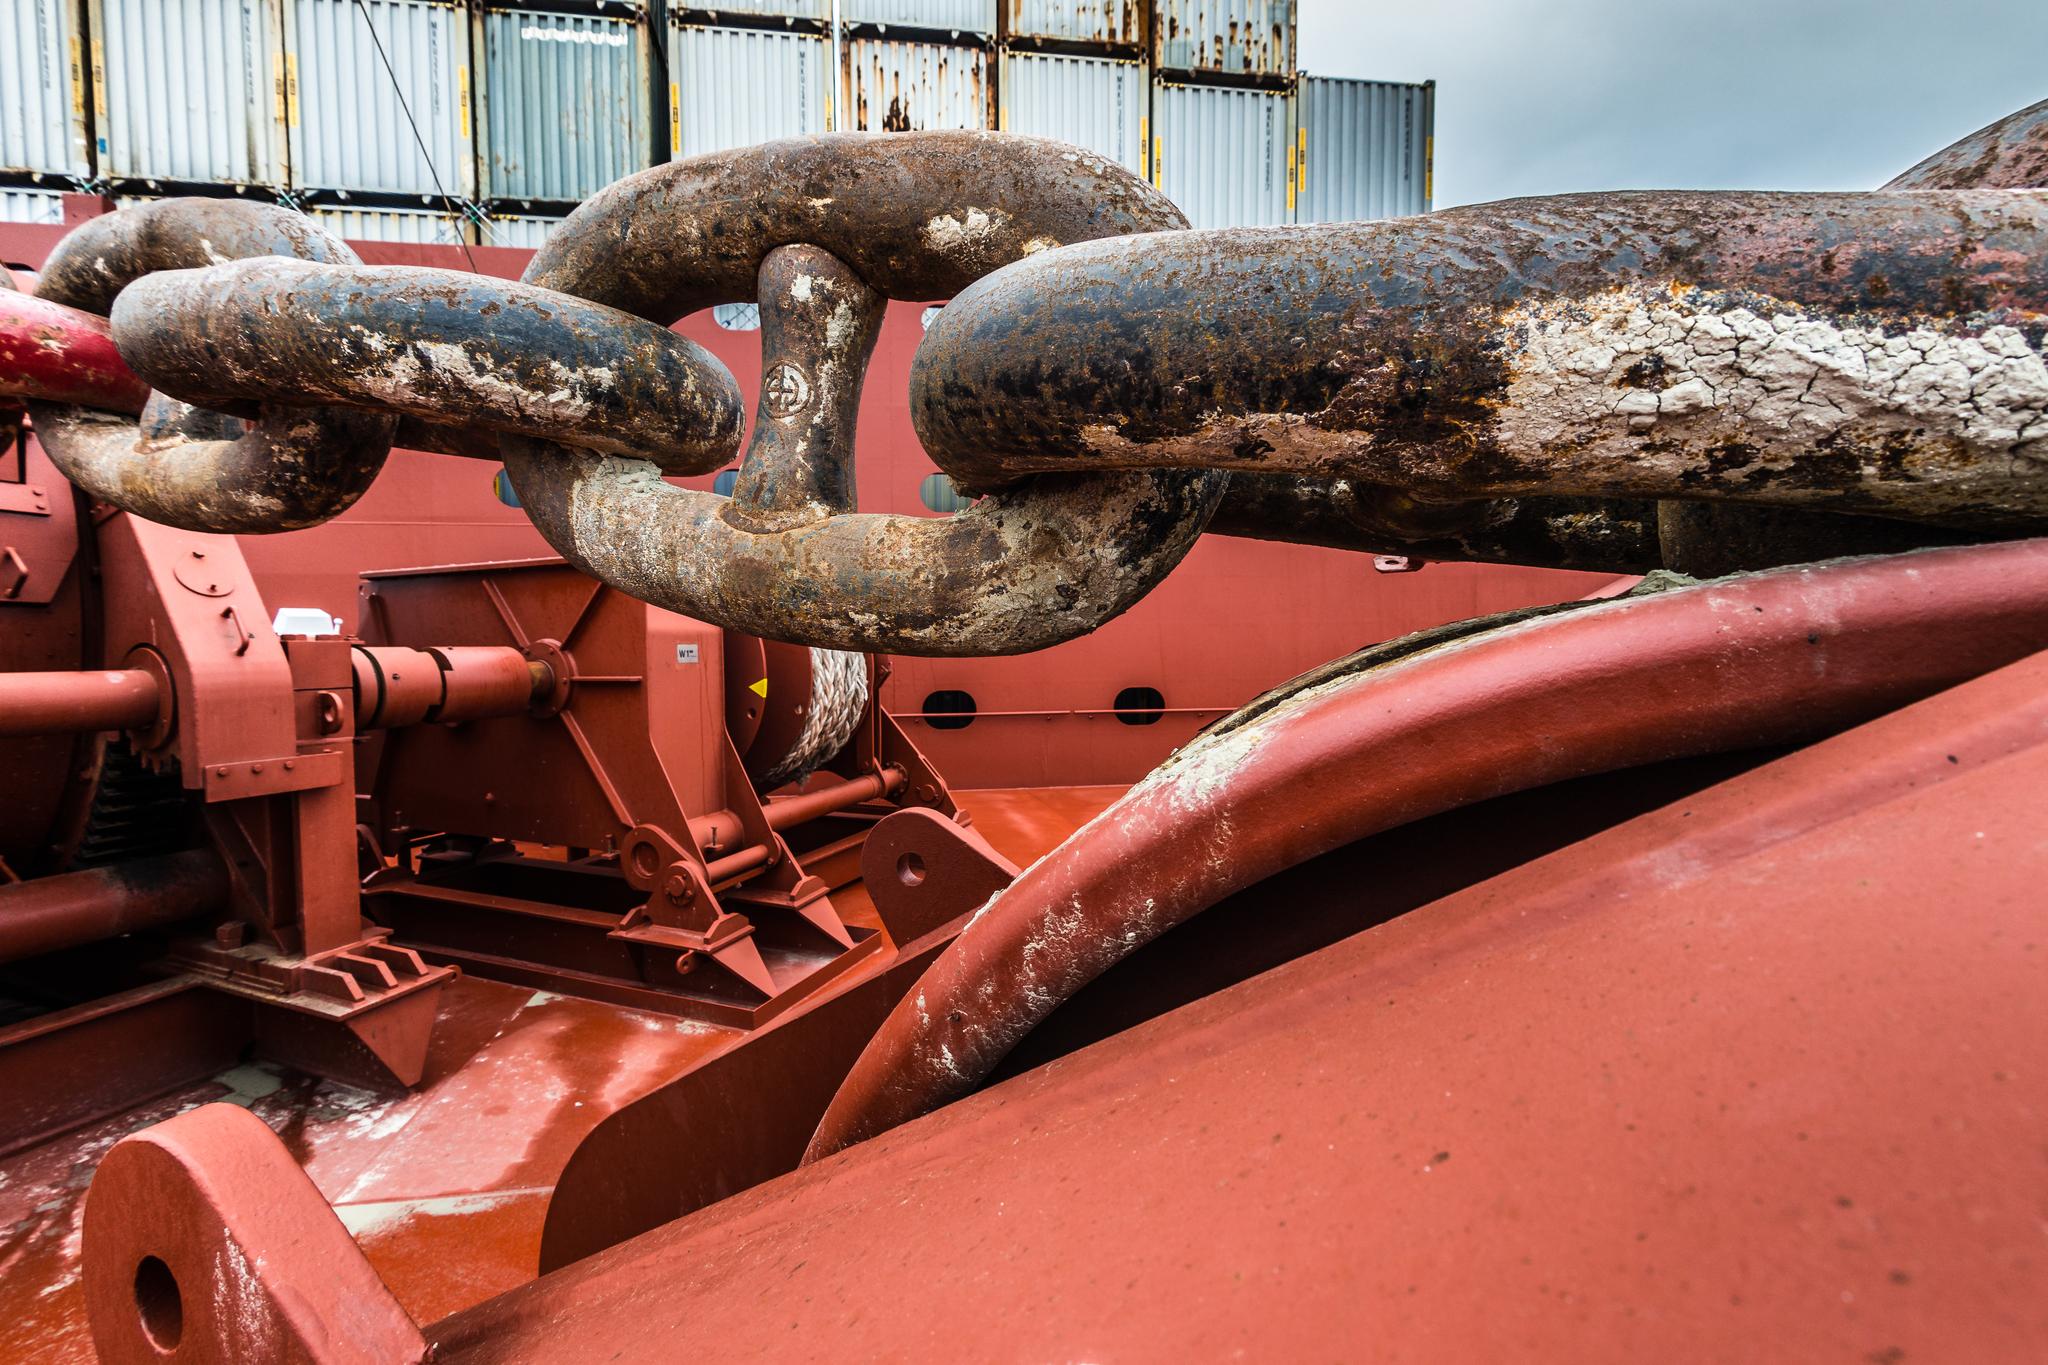 Łańcuch kotwiczny na dziobie Mayview Maersk. Każde z ogniw ma około metra długości i waży w przybliżeniu 200 kg. Cały łańcuch to blisko 100 ton stali i w dużej mierze to właśnie ciężar łańcucha trzyma zakotwiczony kontenerowiec na uwięzi. (fot. Robert Urbaniak)